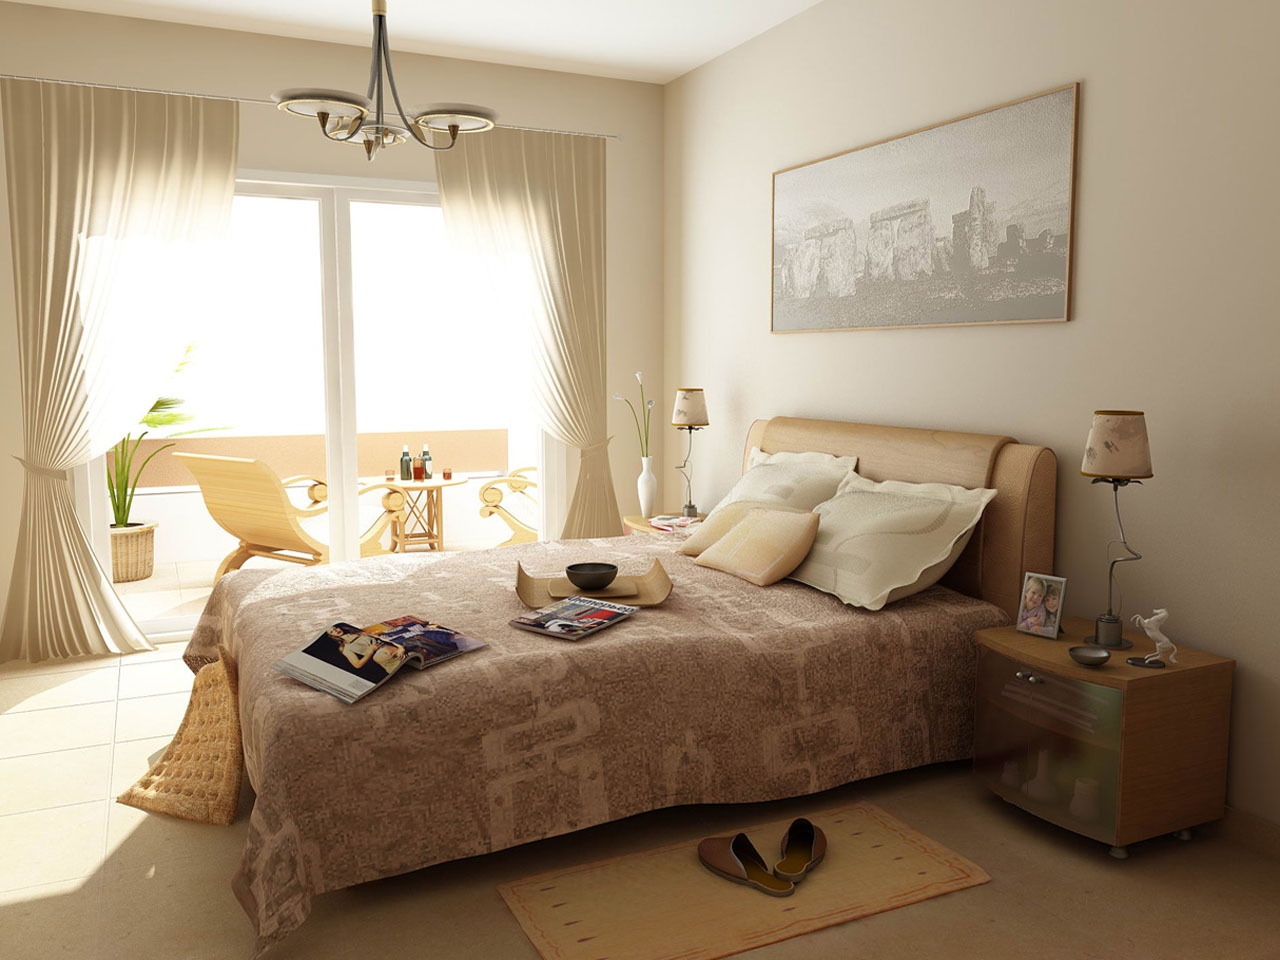 DORMITORIOS DECORADOS EN COLORES TIERRA  Dormitorios Con ...